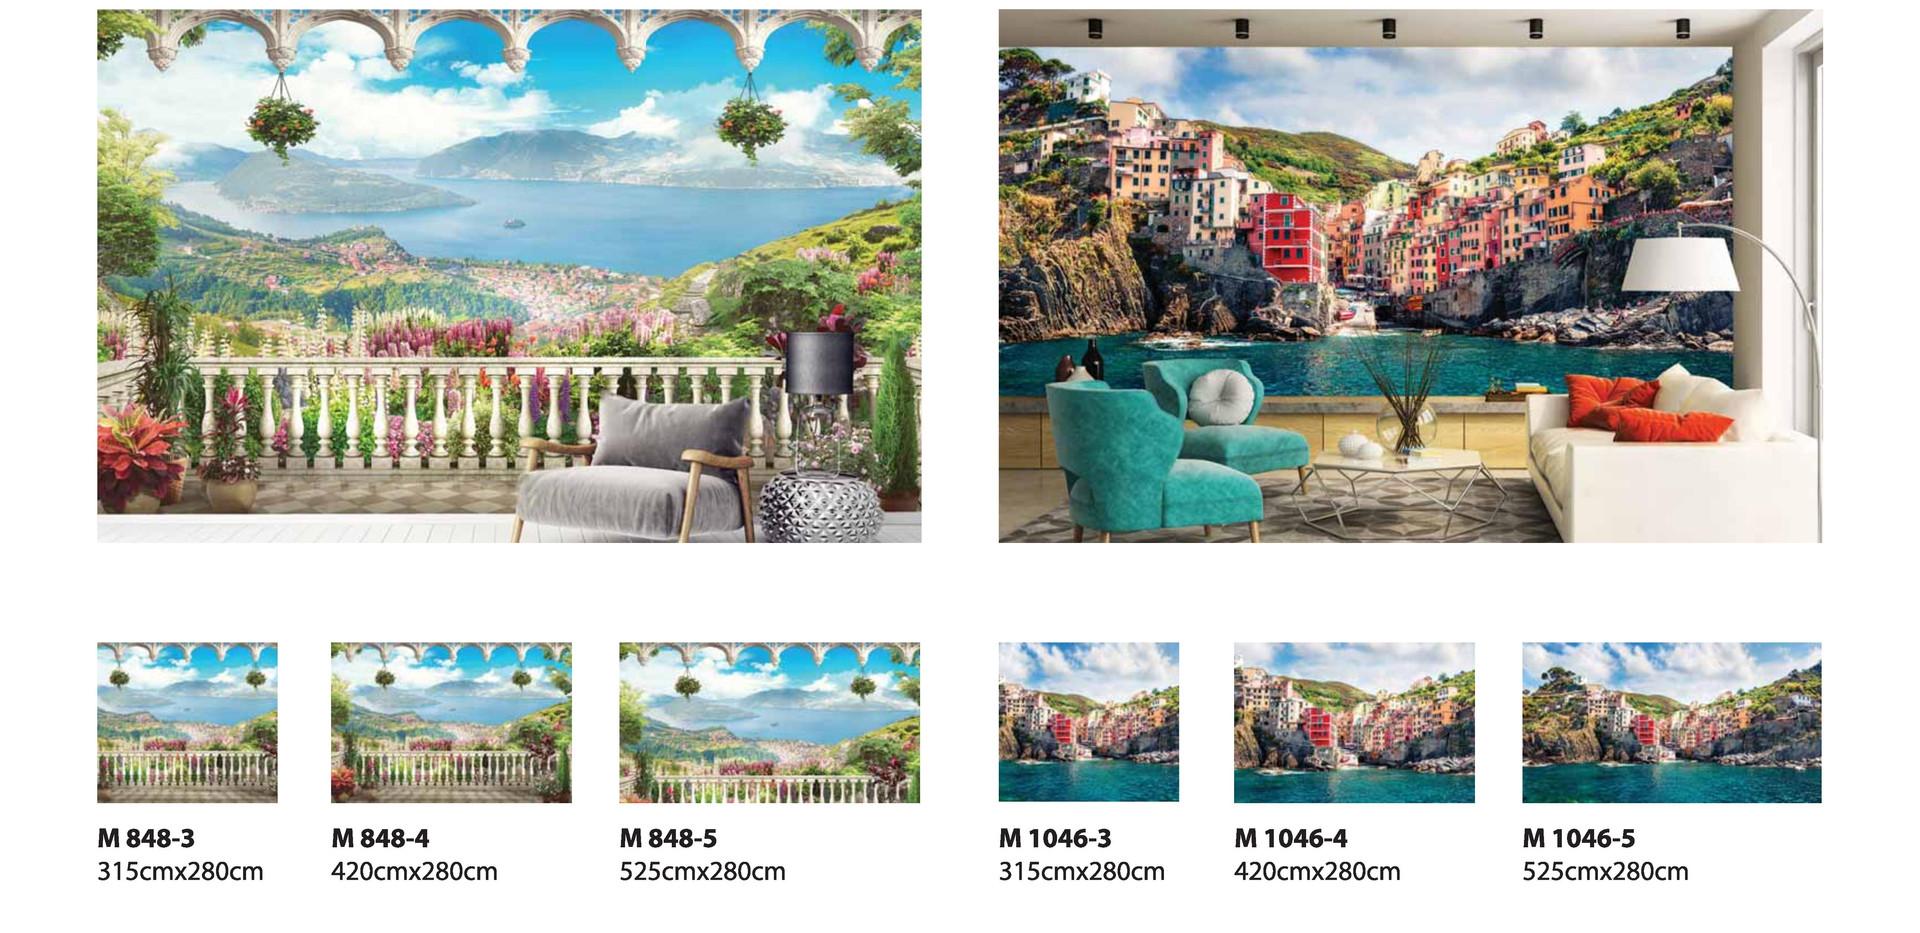 Moneta MURAL katalog-page-047.jpg